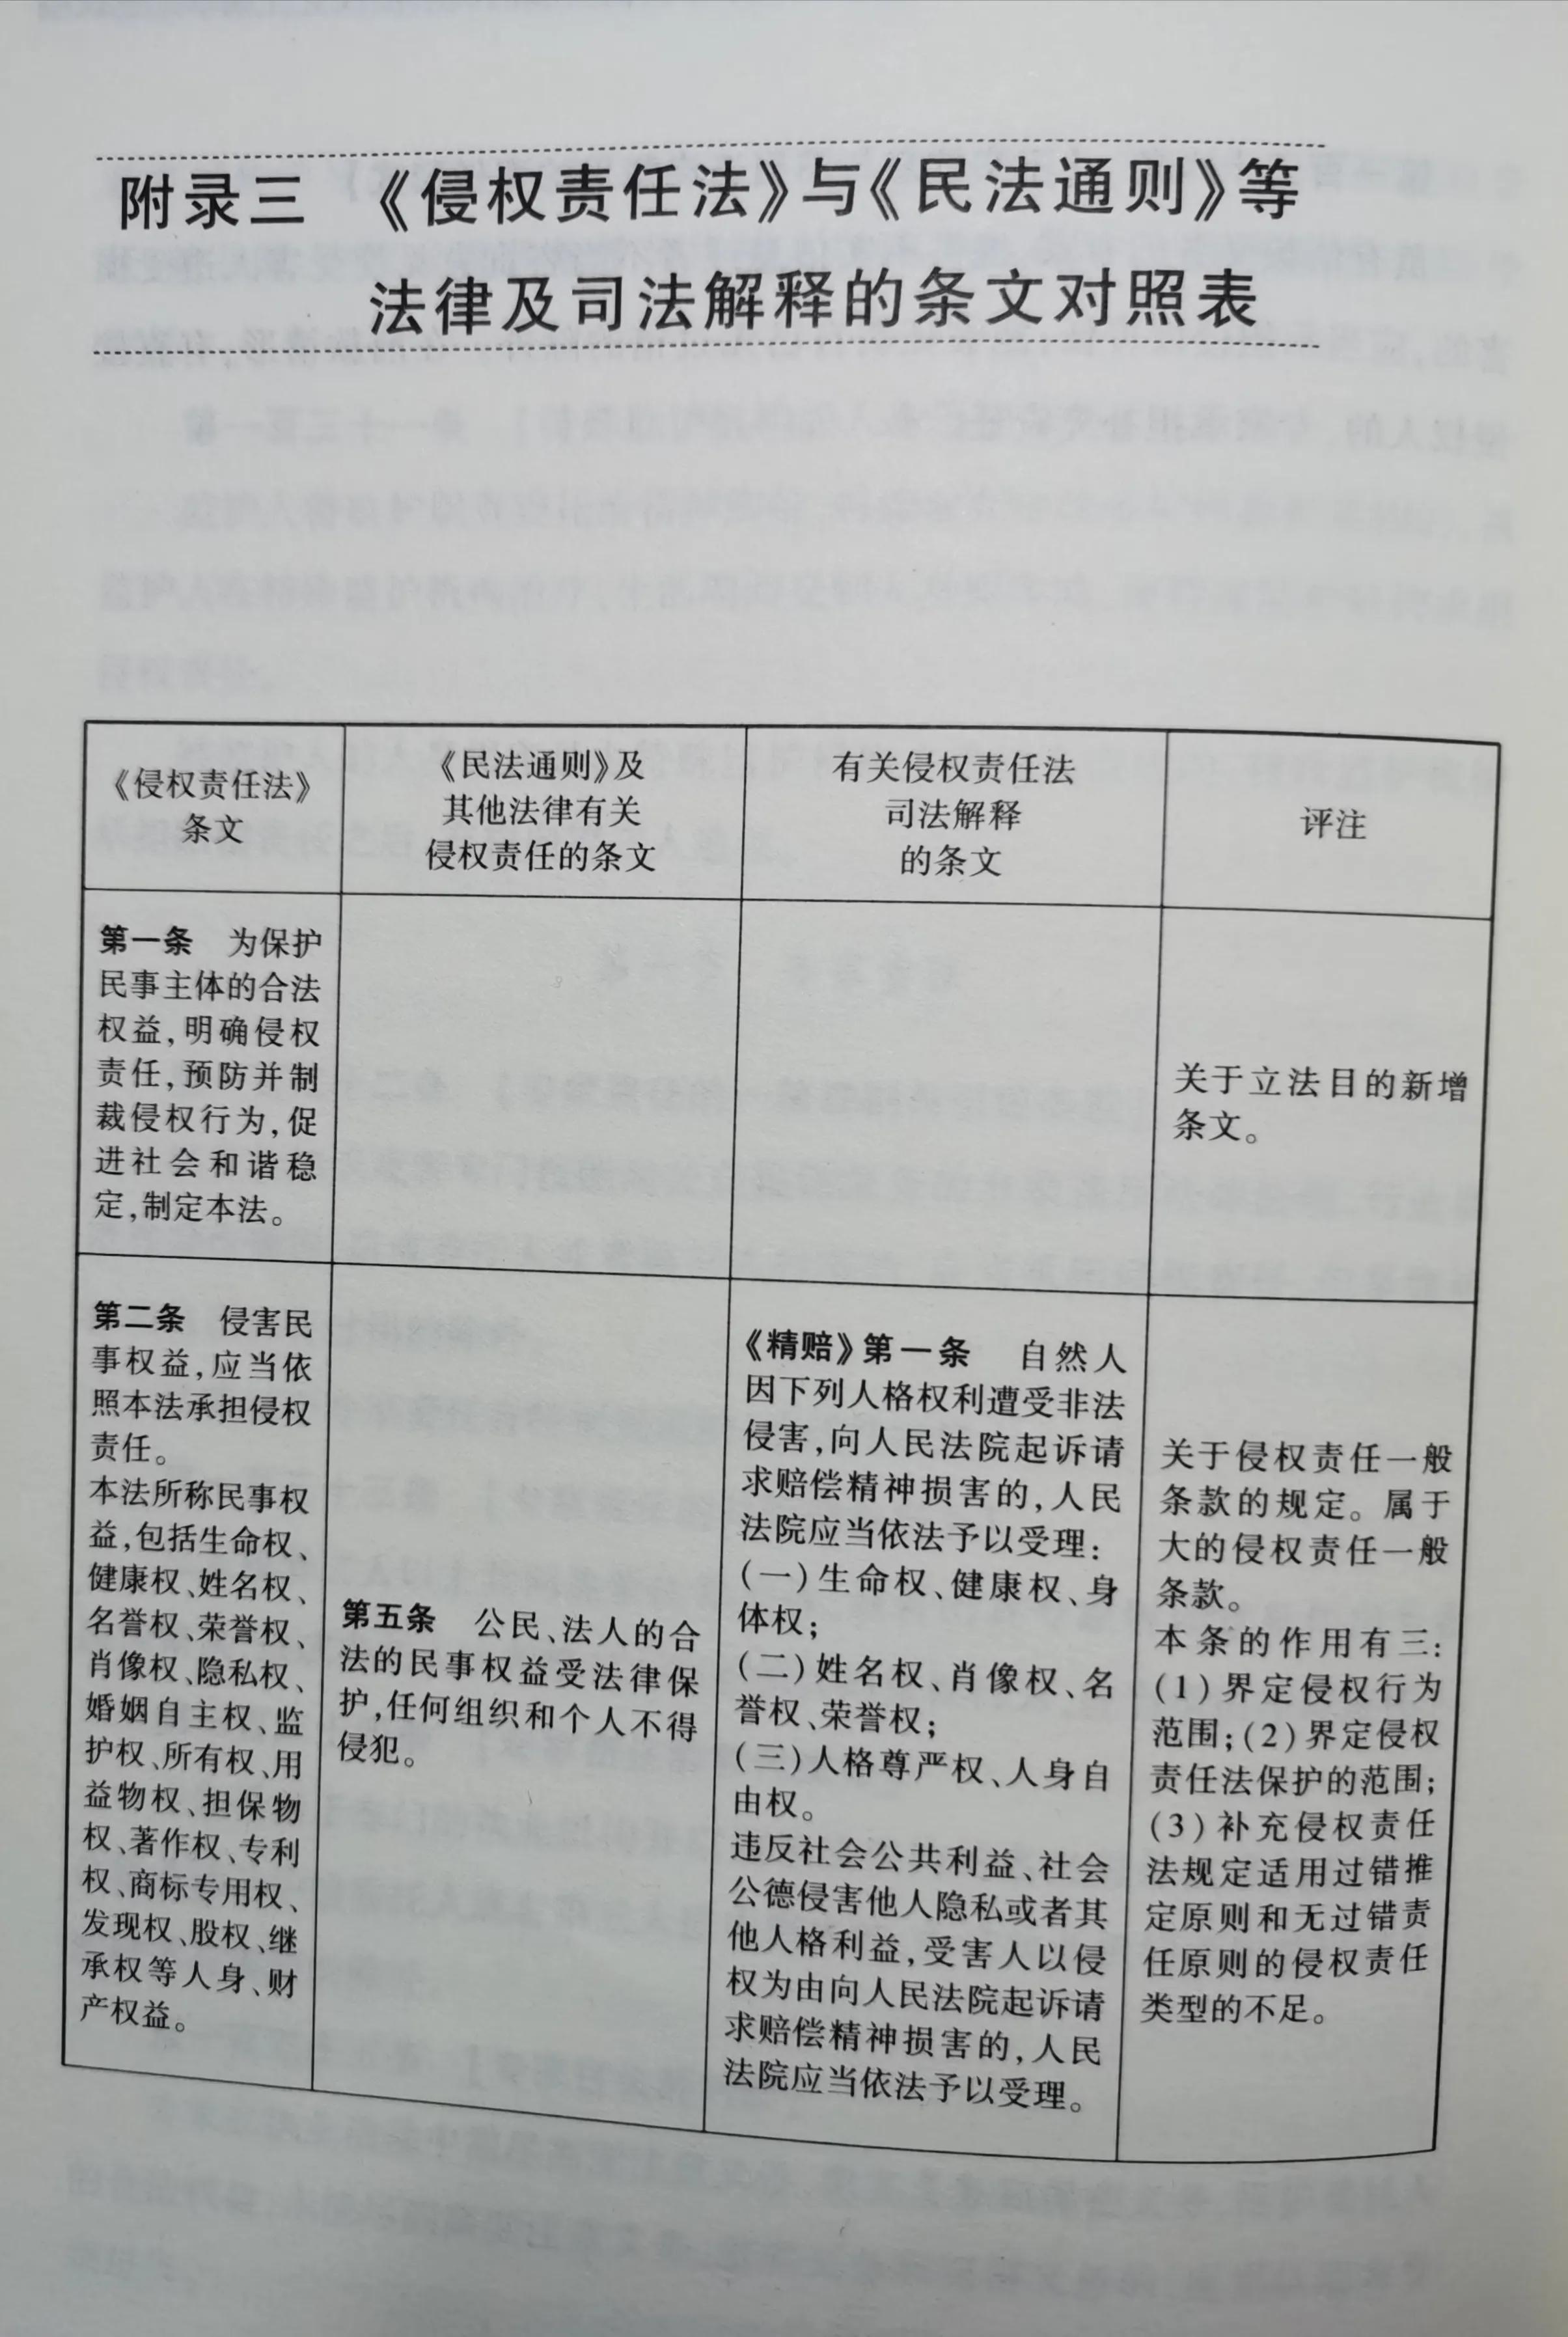 民法通则司法解释(法律和司法解释对照表)